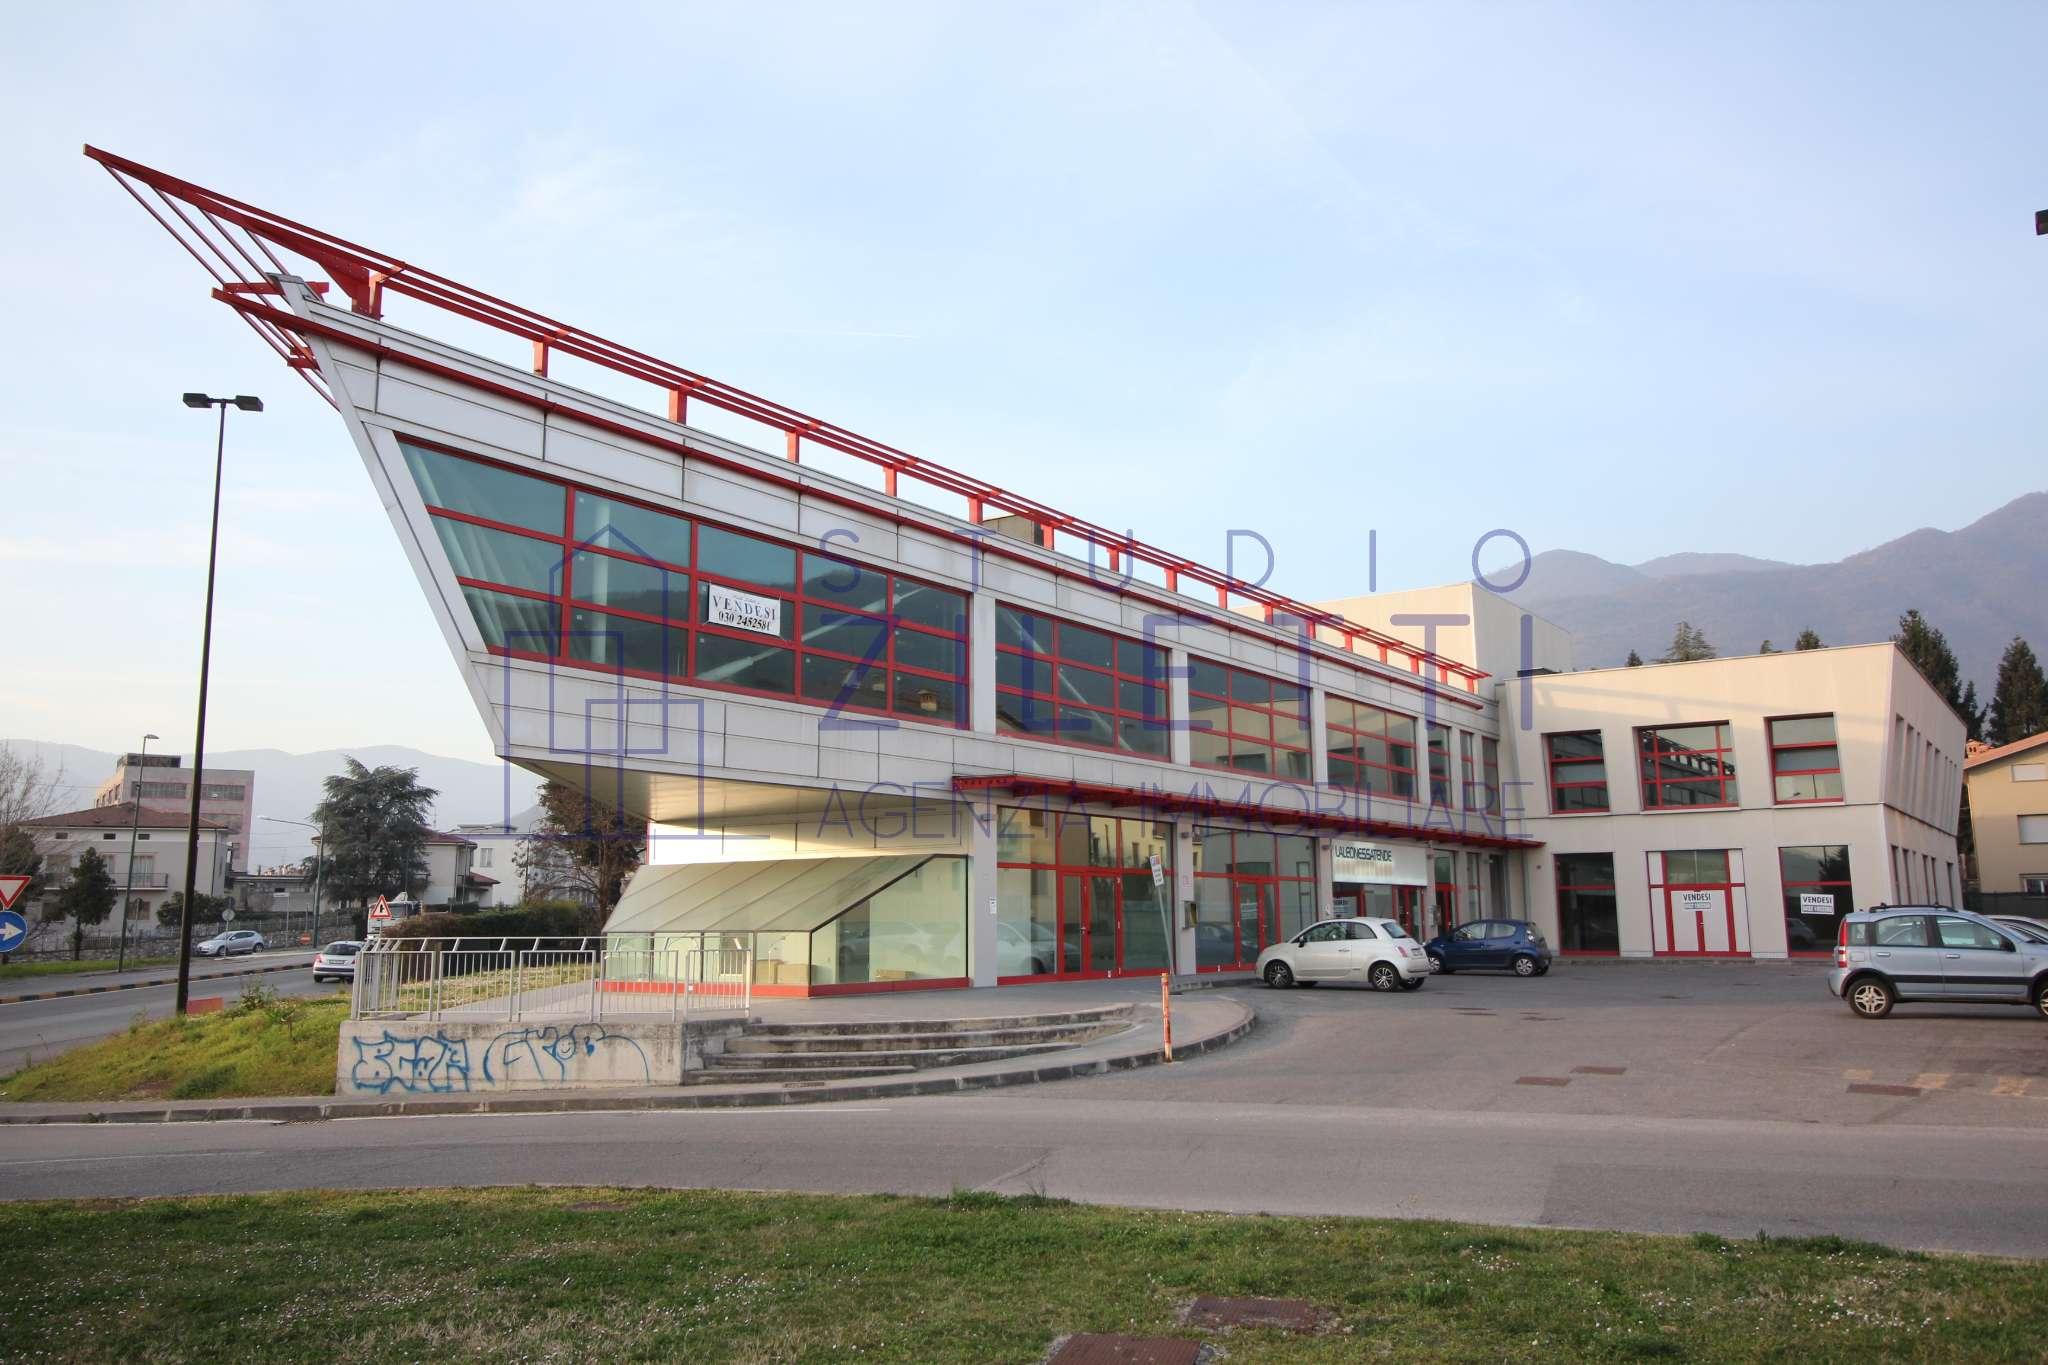 Ufficio / Studio in vendita a Concesio, 6 locali, prezzo € 450.000 | PortaleAgenzieImmobiliari.it